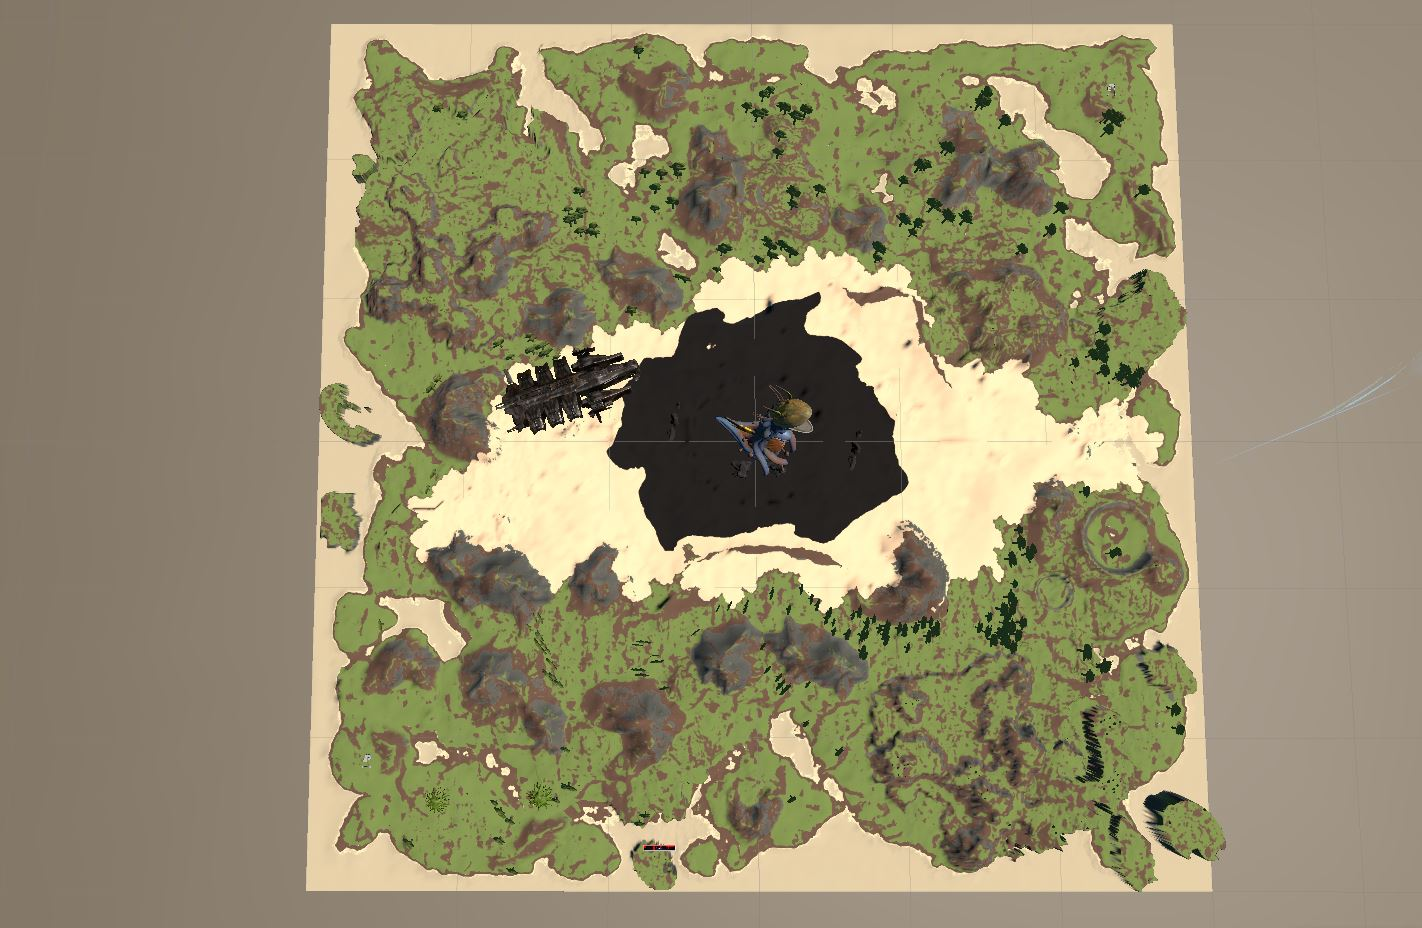 pantropy map